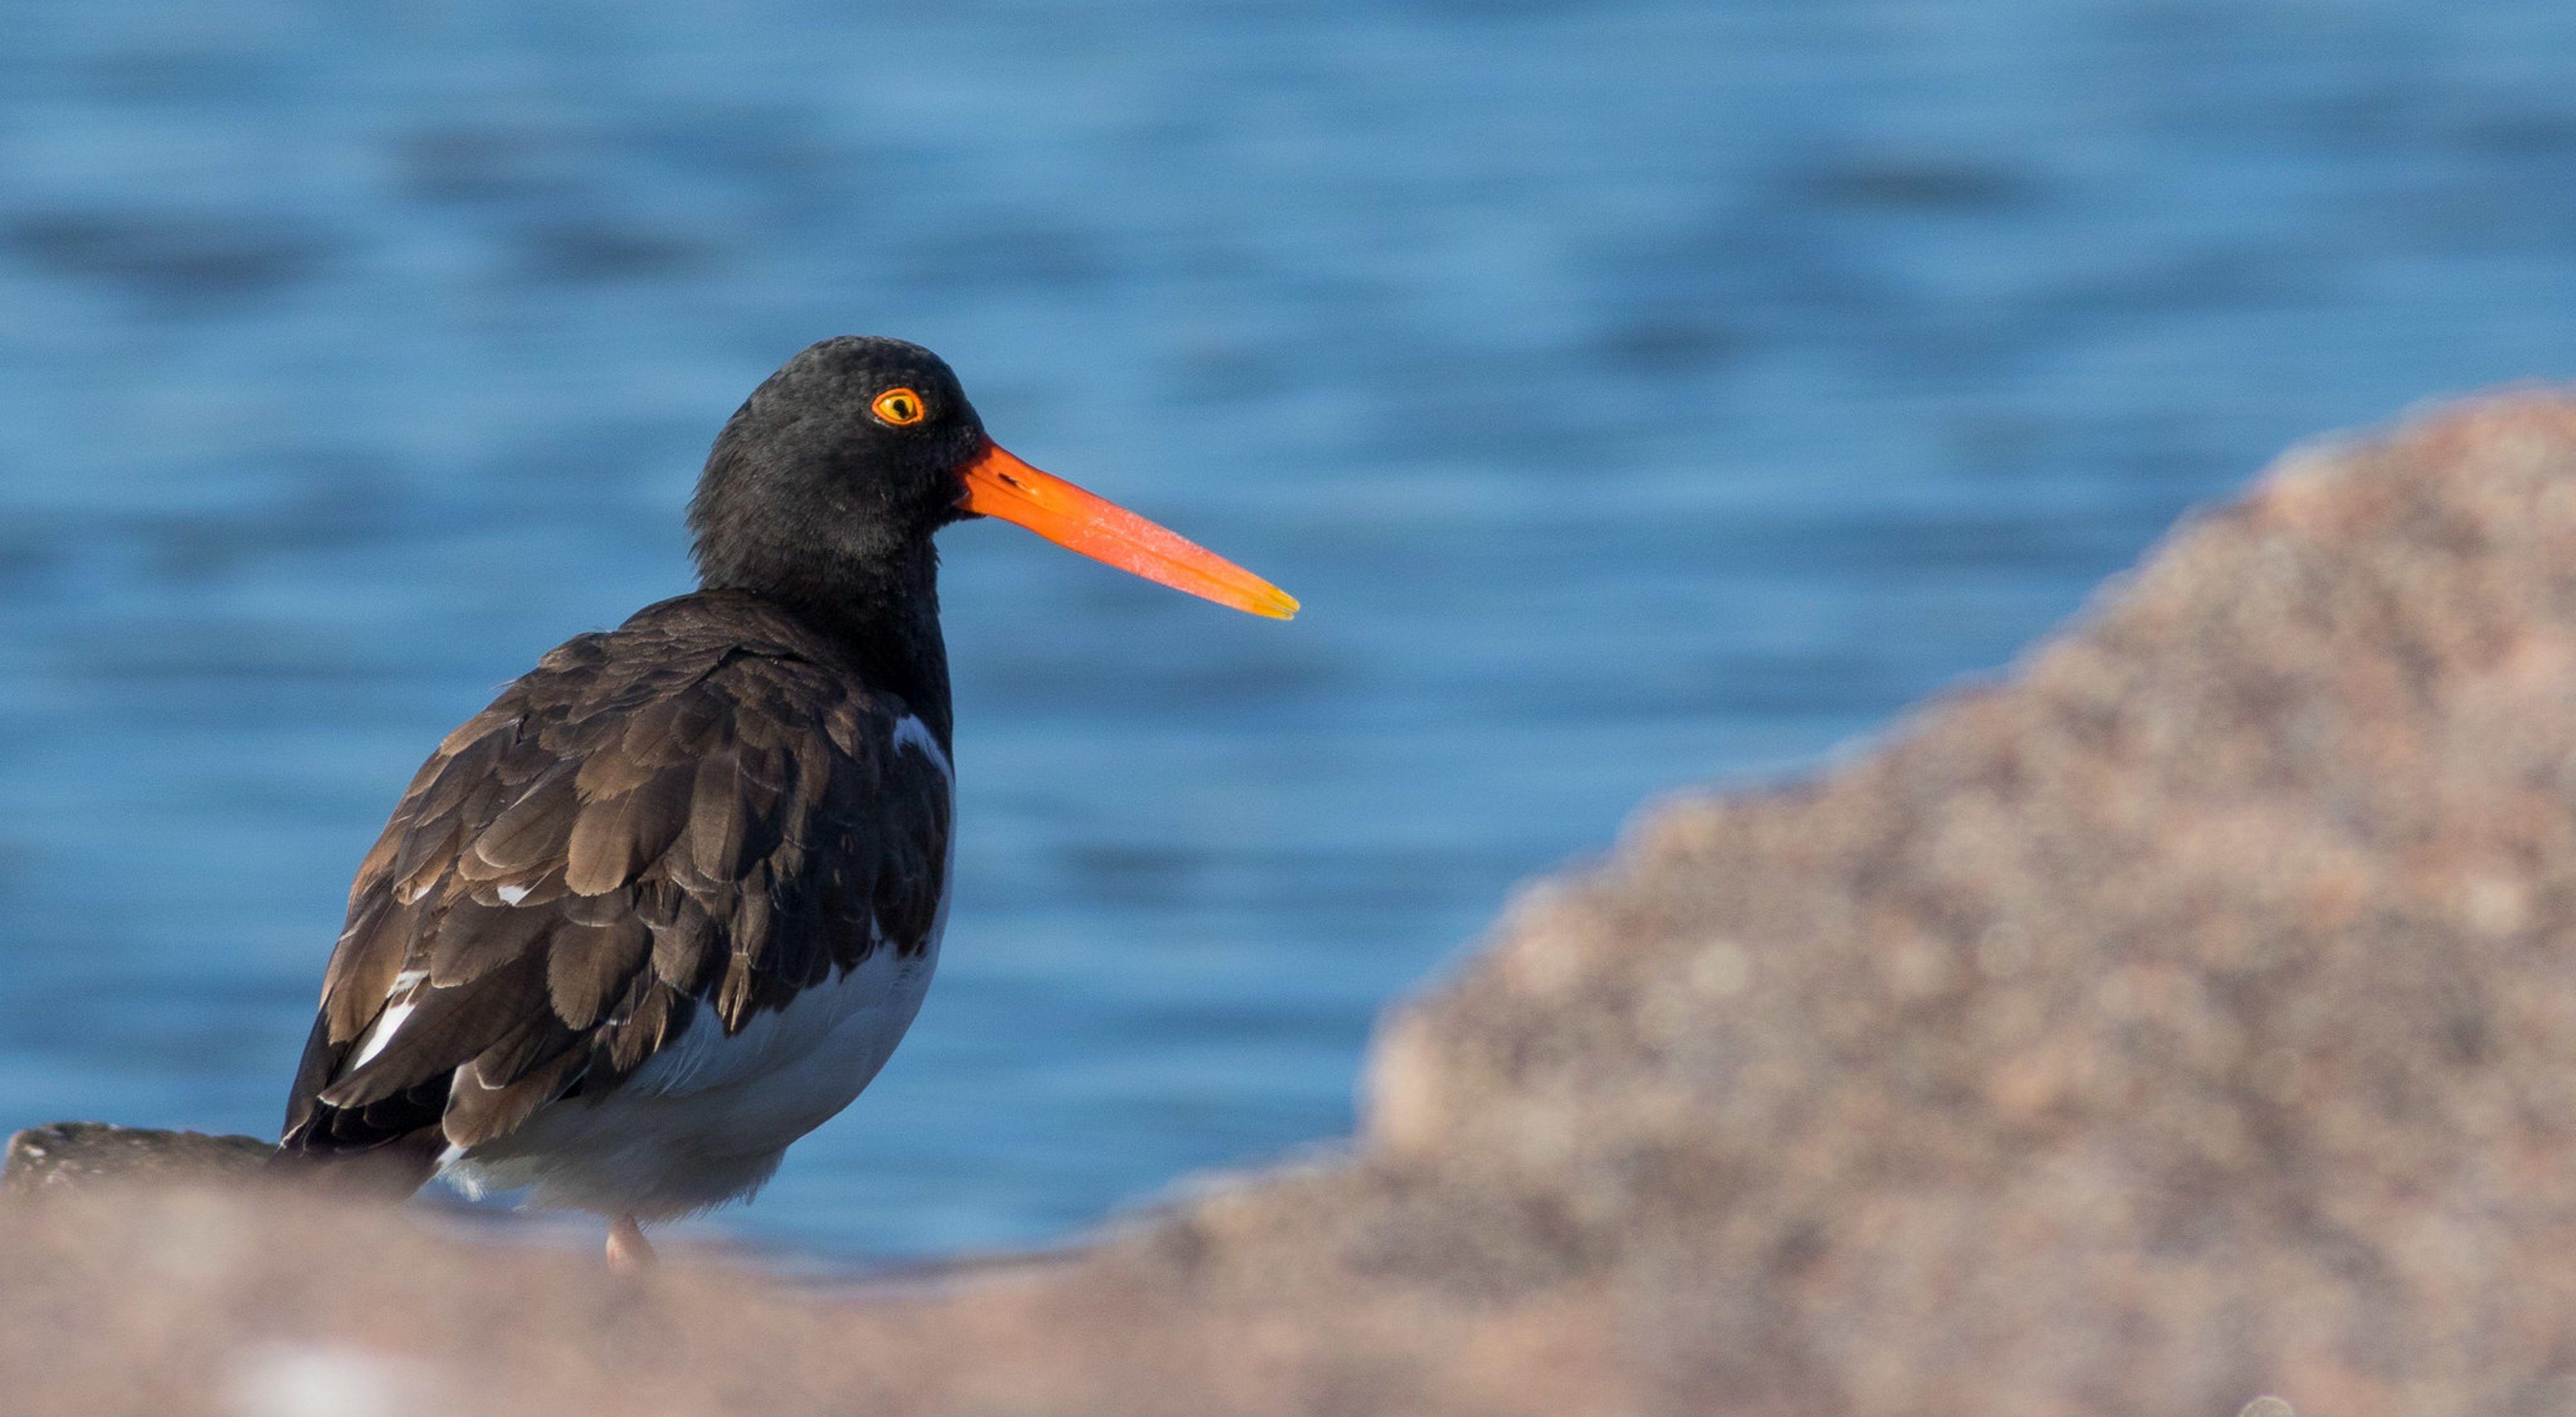 Esta ave que habita las costas se mimetiza en el entorno anidando en las arenas de la costa.